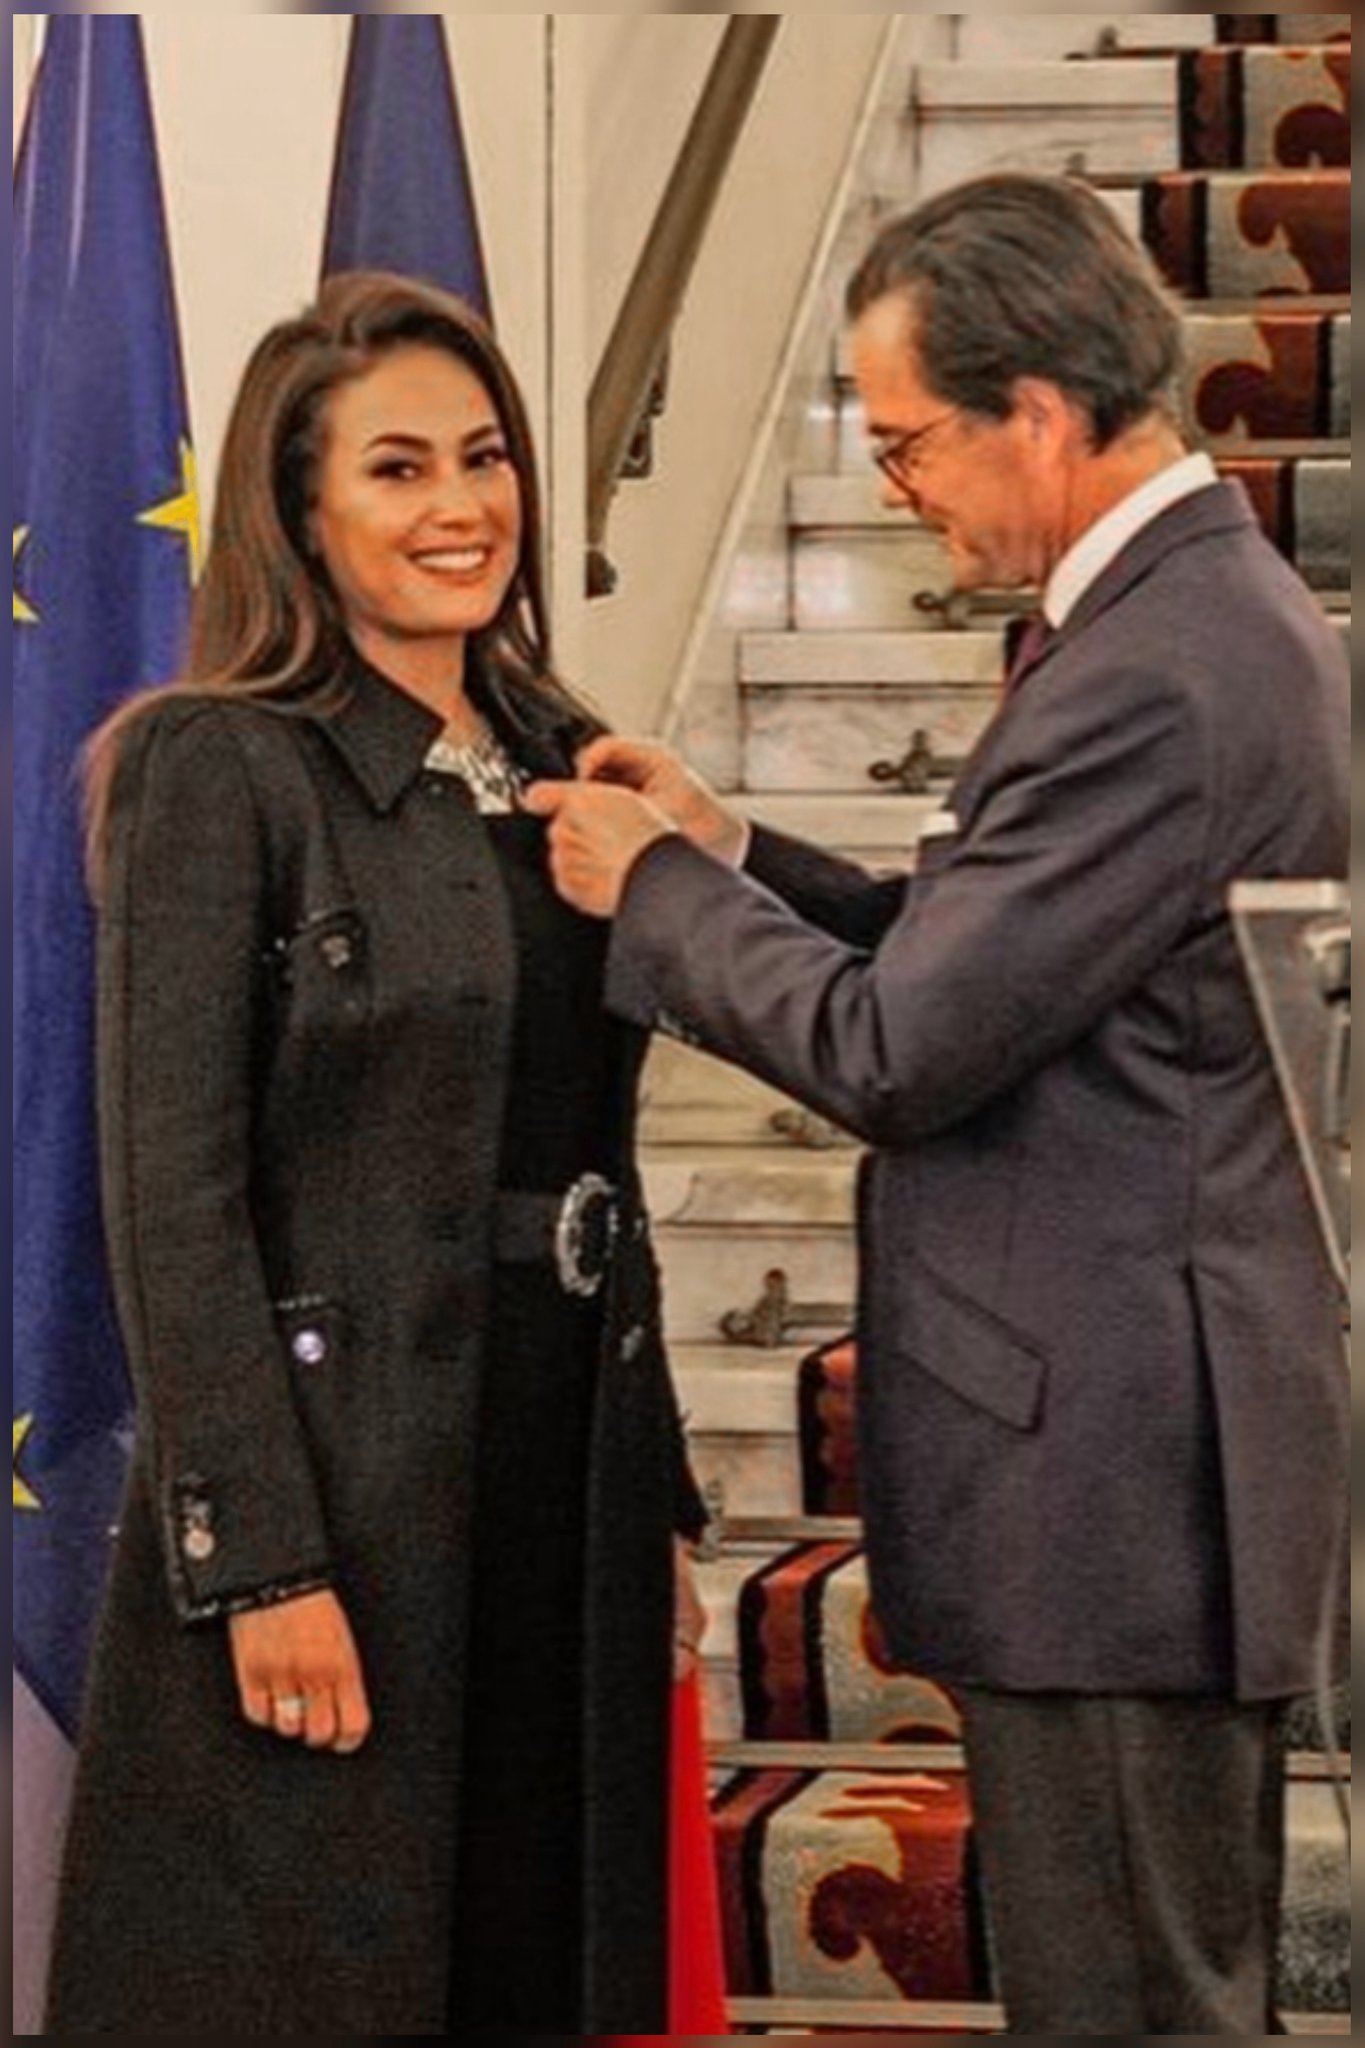 هند صبري تحصل على وسام الفنون والآداب الفرنسي